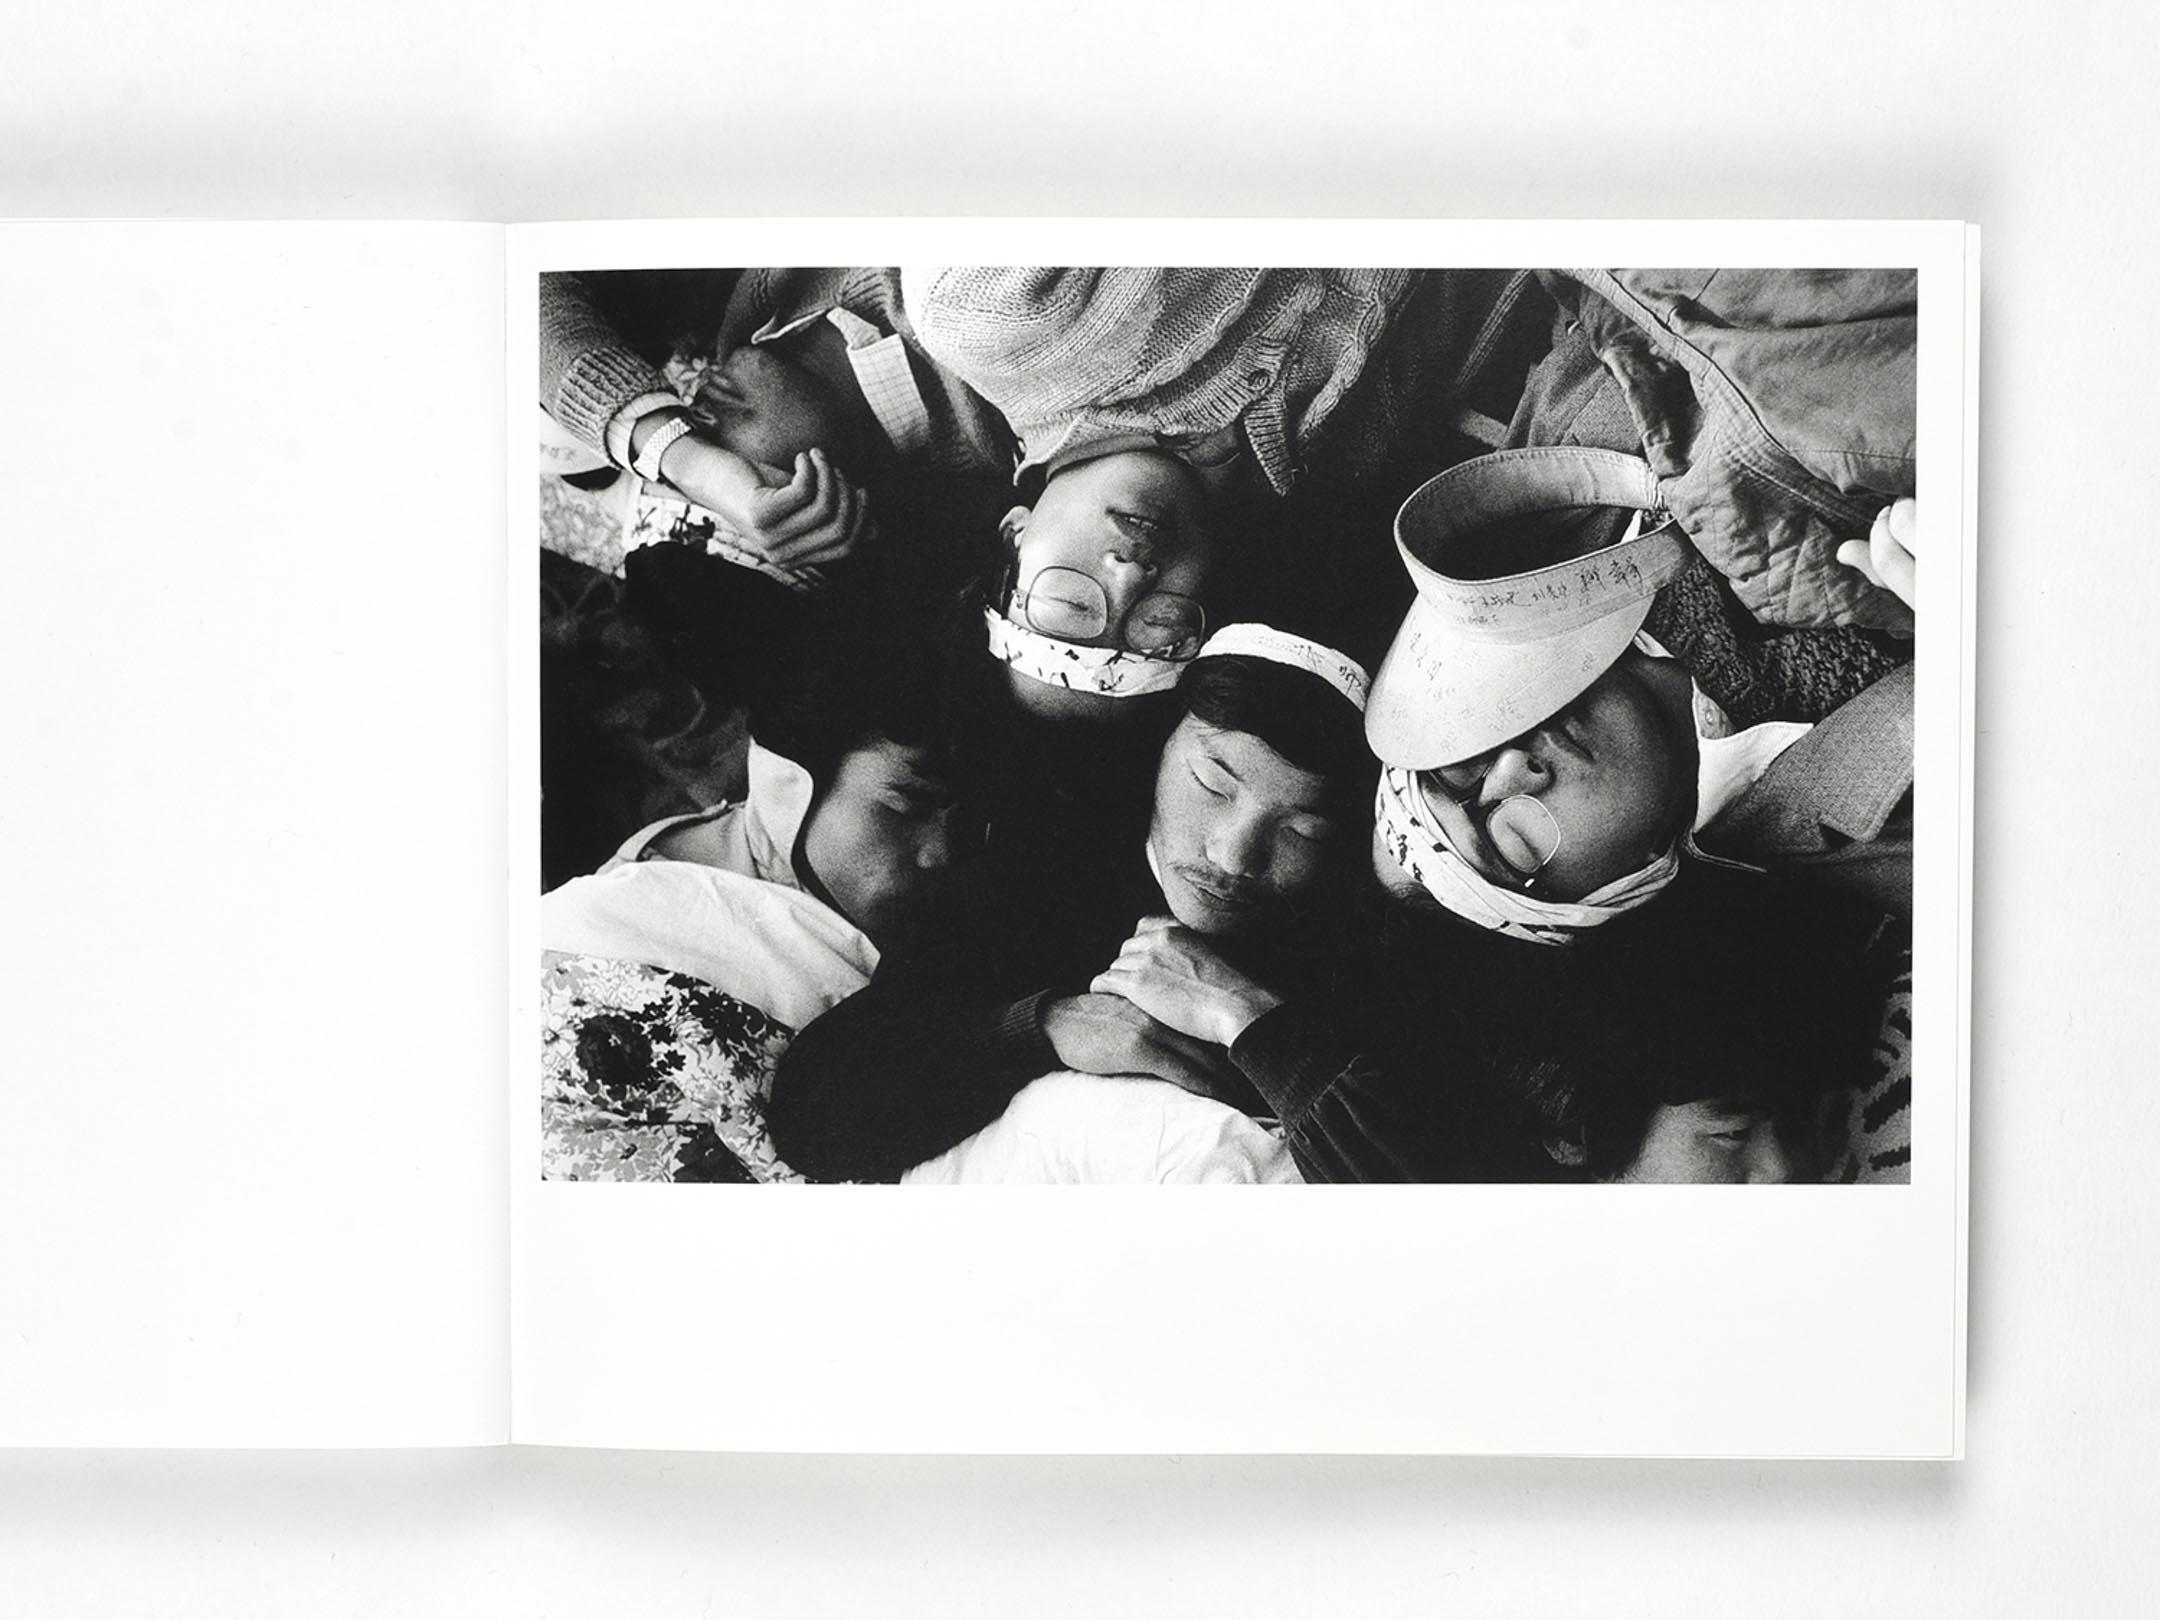 黃勤帶《89廣場的日子》。 圖:作者提供